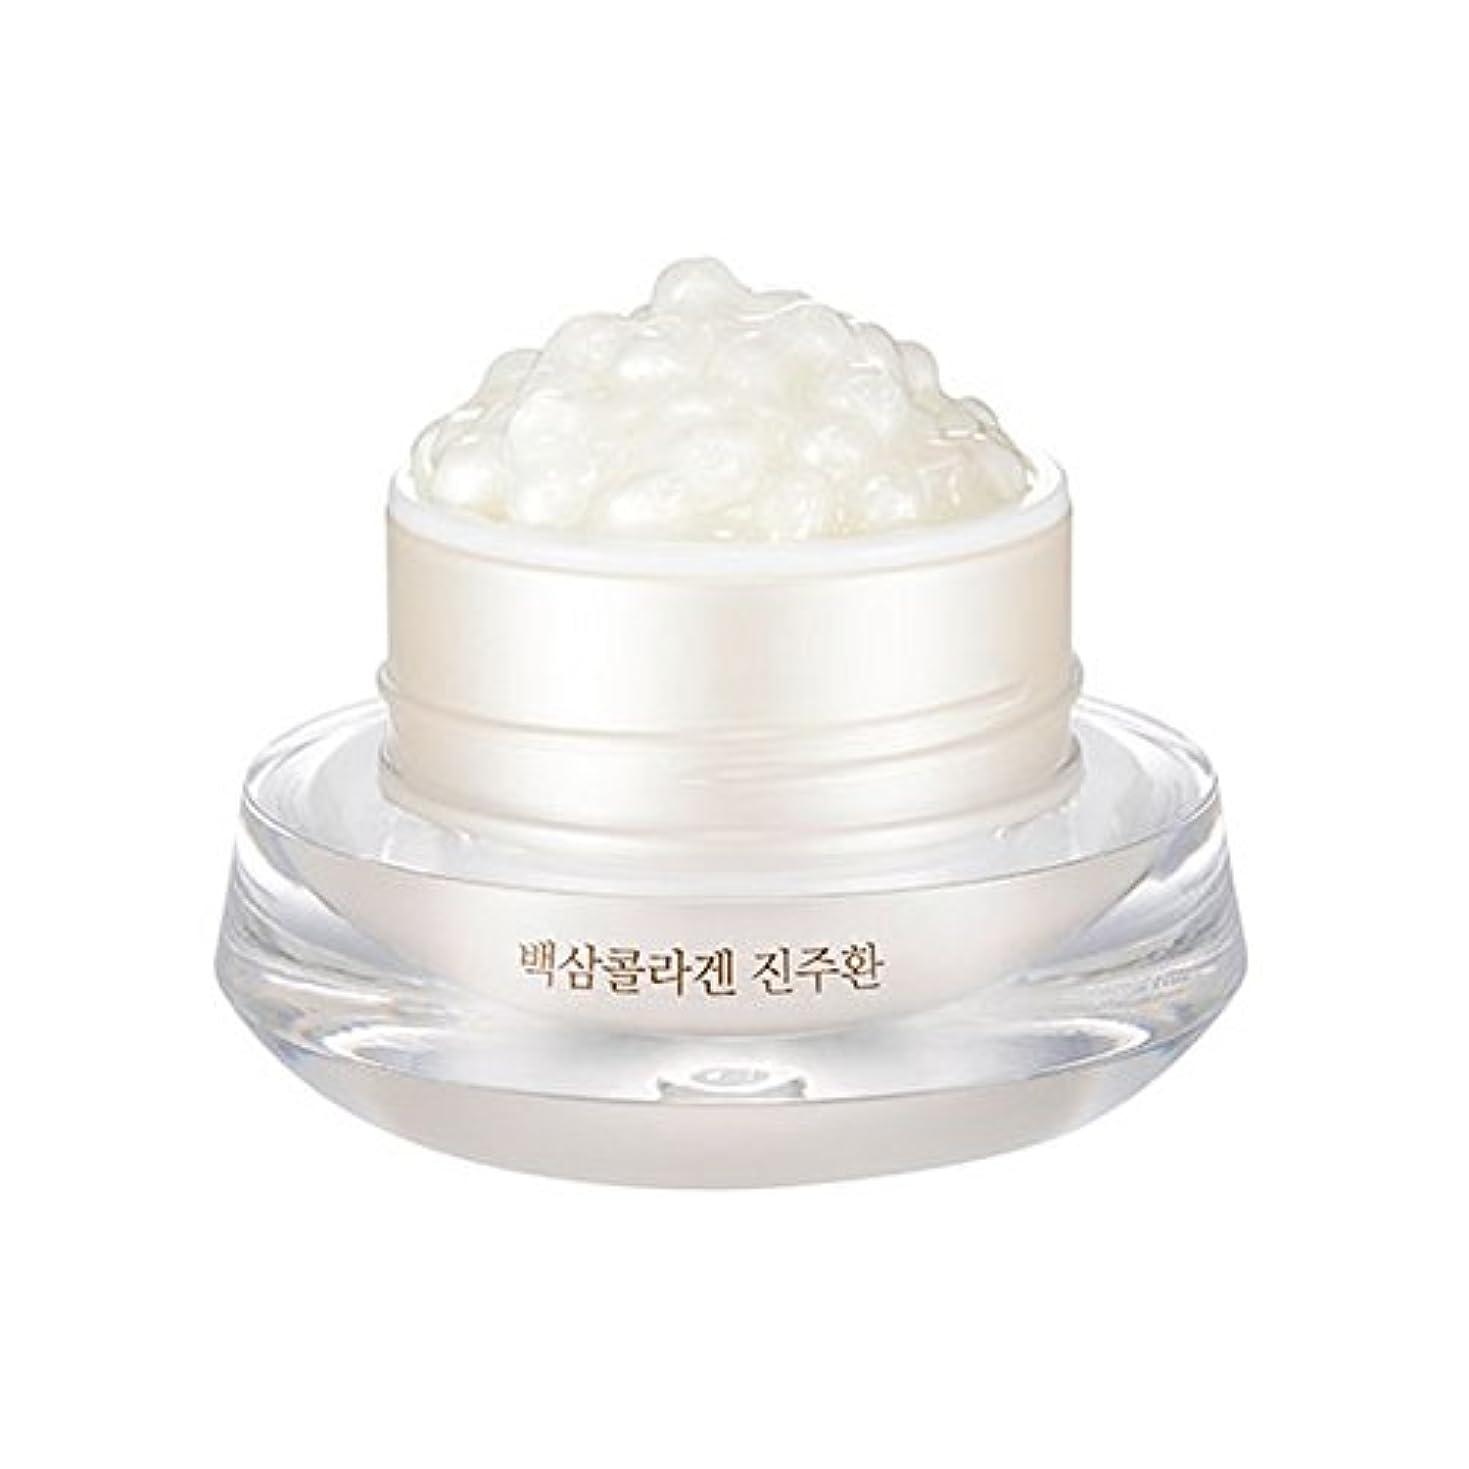 マイル十分な森[ザ?フェイスショップ] The Face Shop 白参 コラーゲン パール カプセルクリーム White Ginseng Collagen Pearl Capsule Cream [並行輸入品]